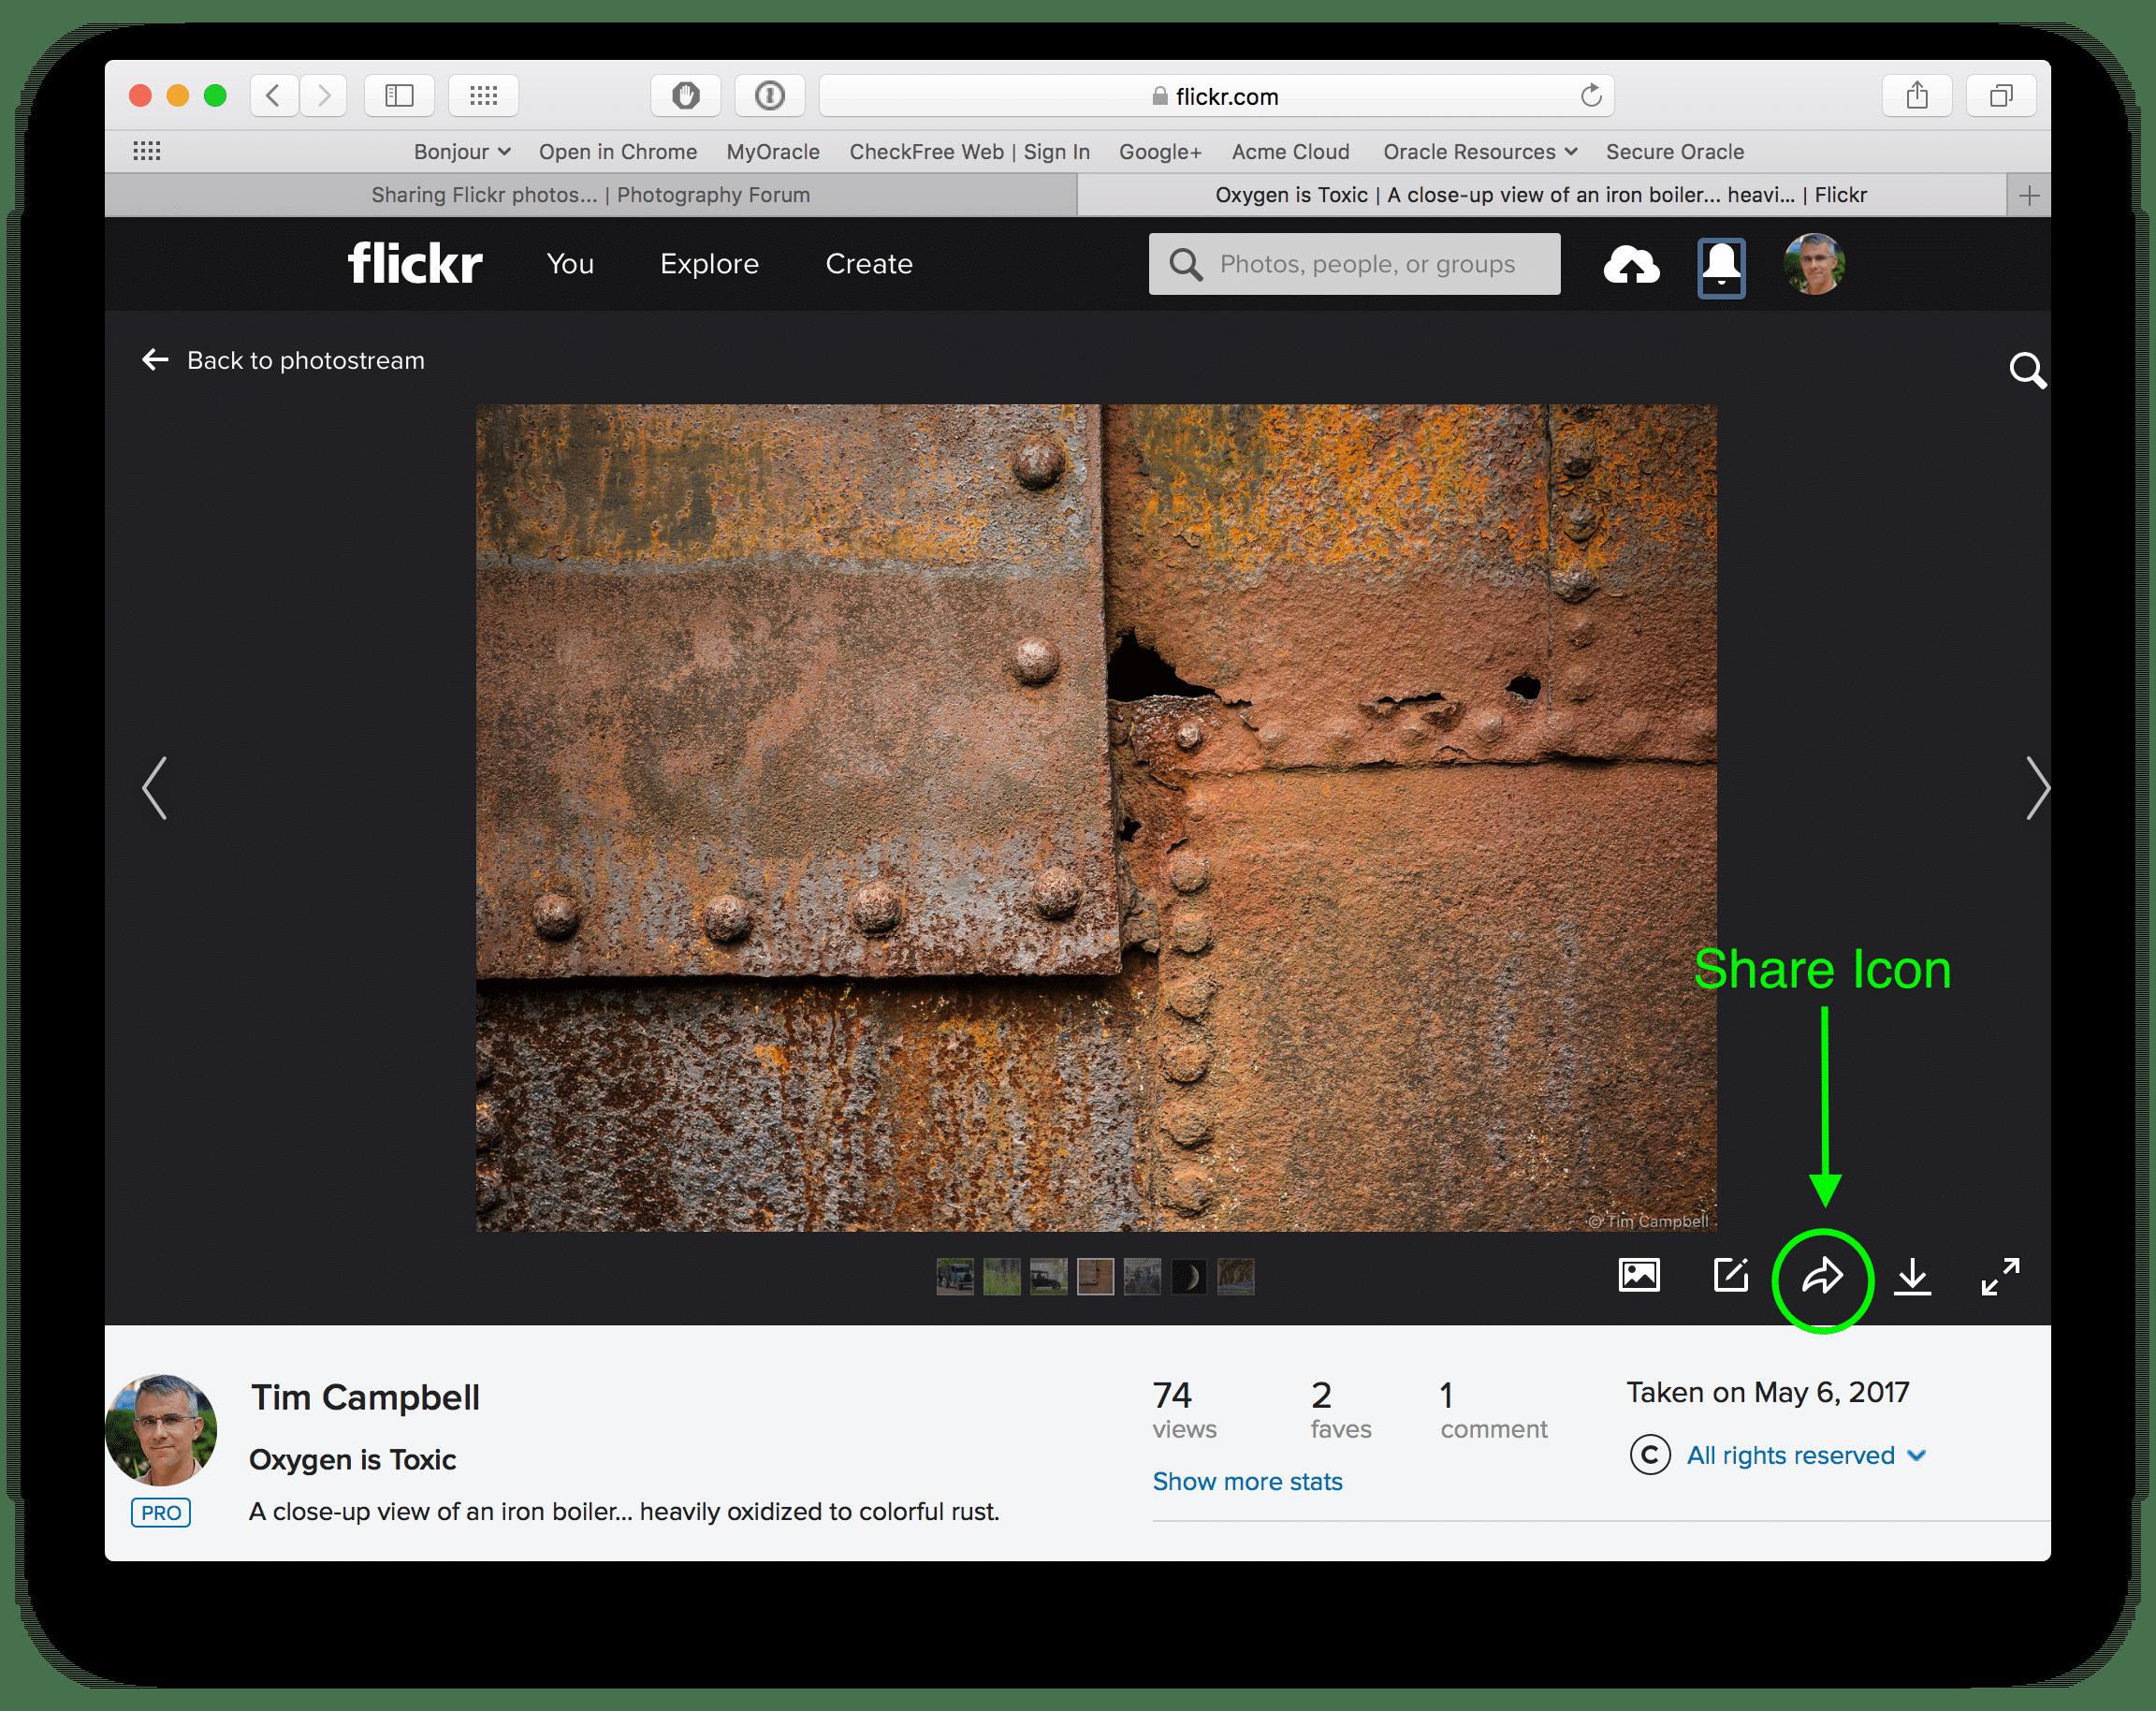 Screen Shot 2017-05-25 at 2.55.27 PM.png